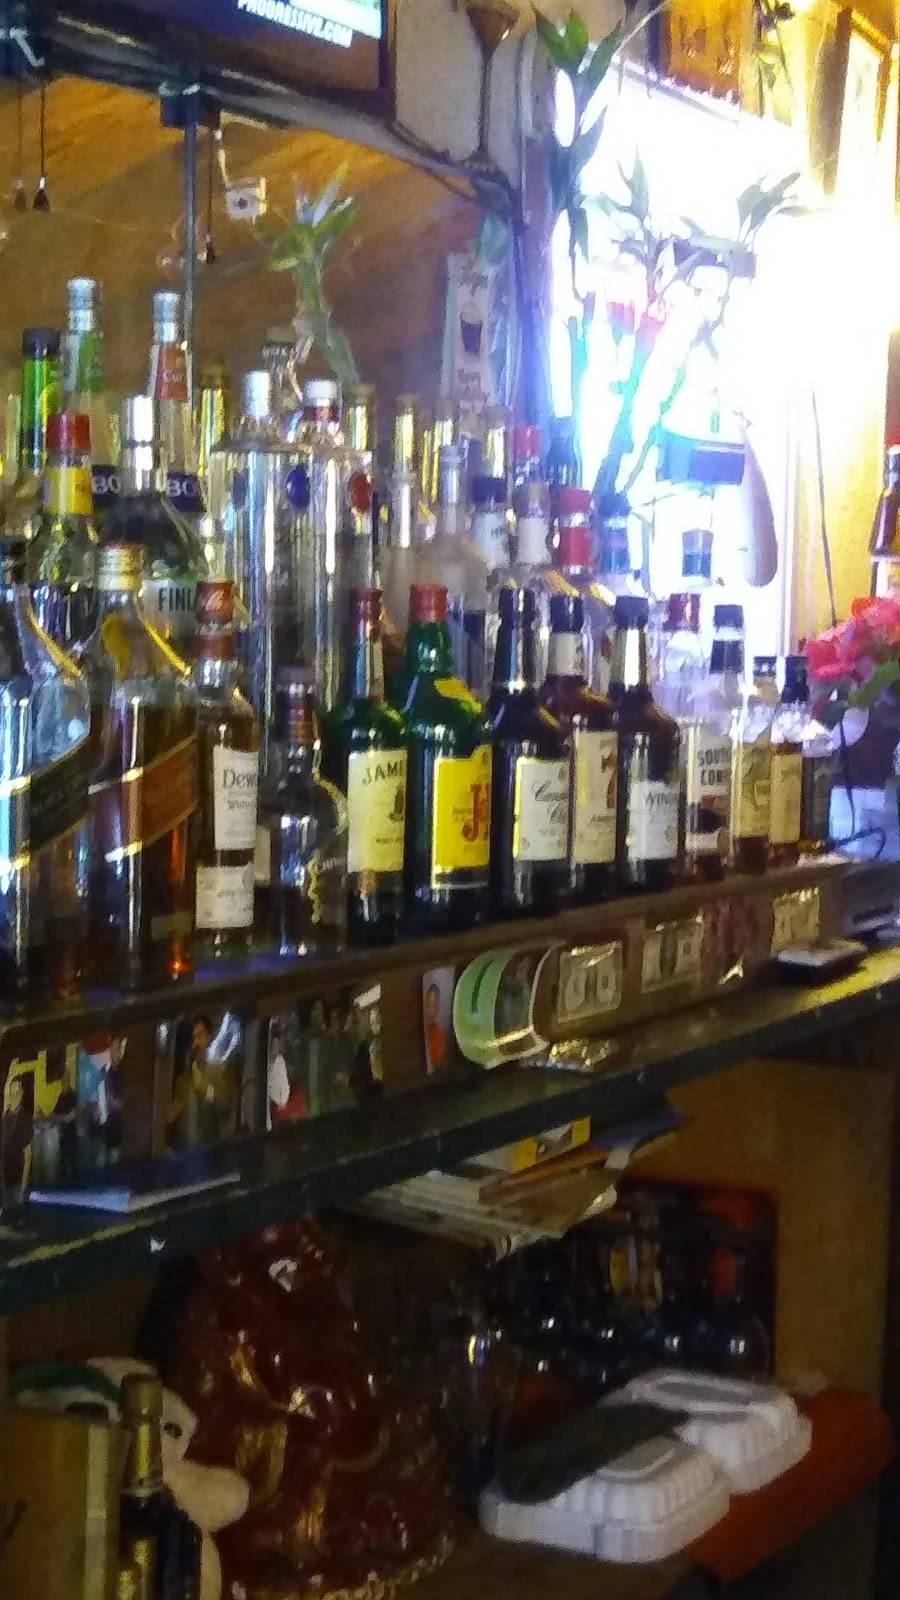 El Fogon De Jule LLC   restaurant   400 Schuylkill Ave, Reading, PA 19601, USA   2678881969 OR +1 267-888-1969